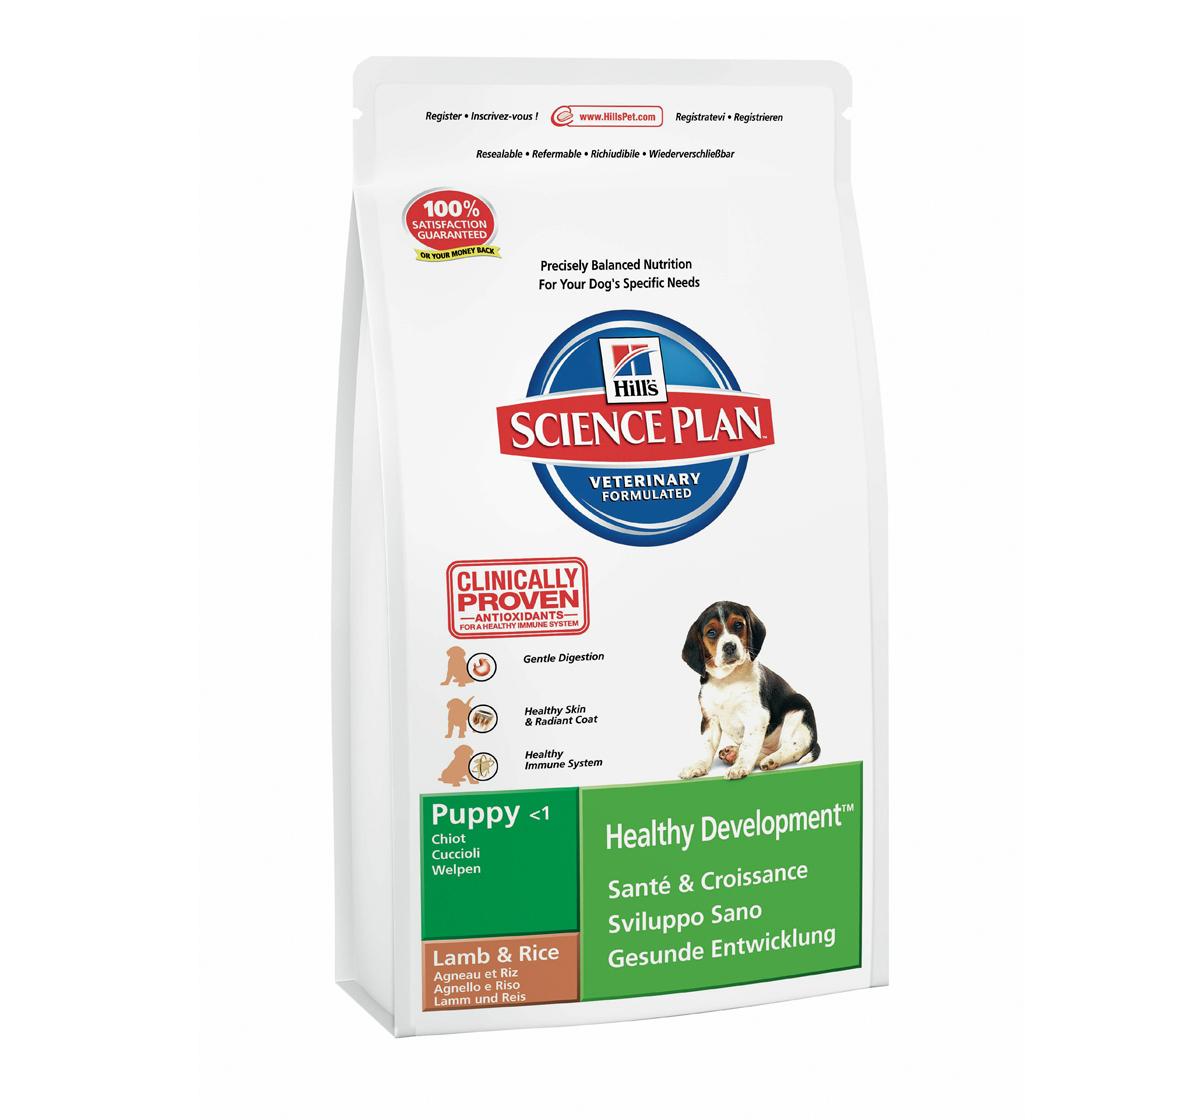 Hills Science Plan Dog Food Kg